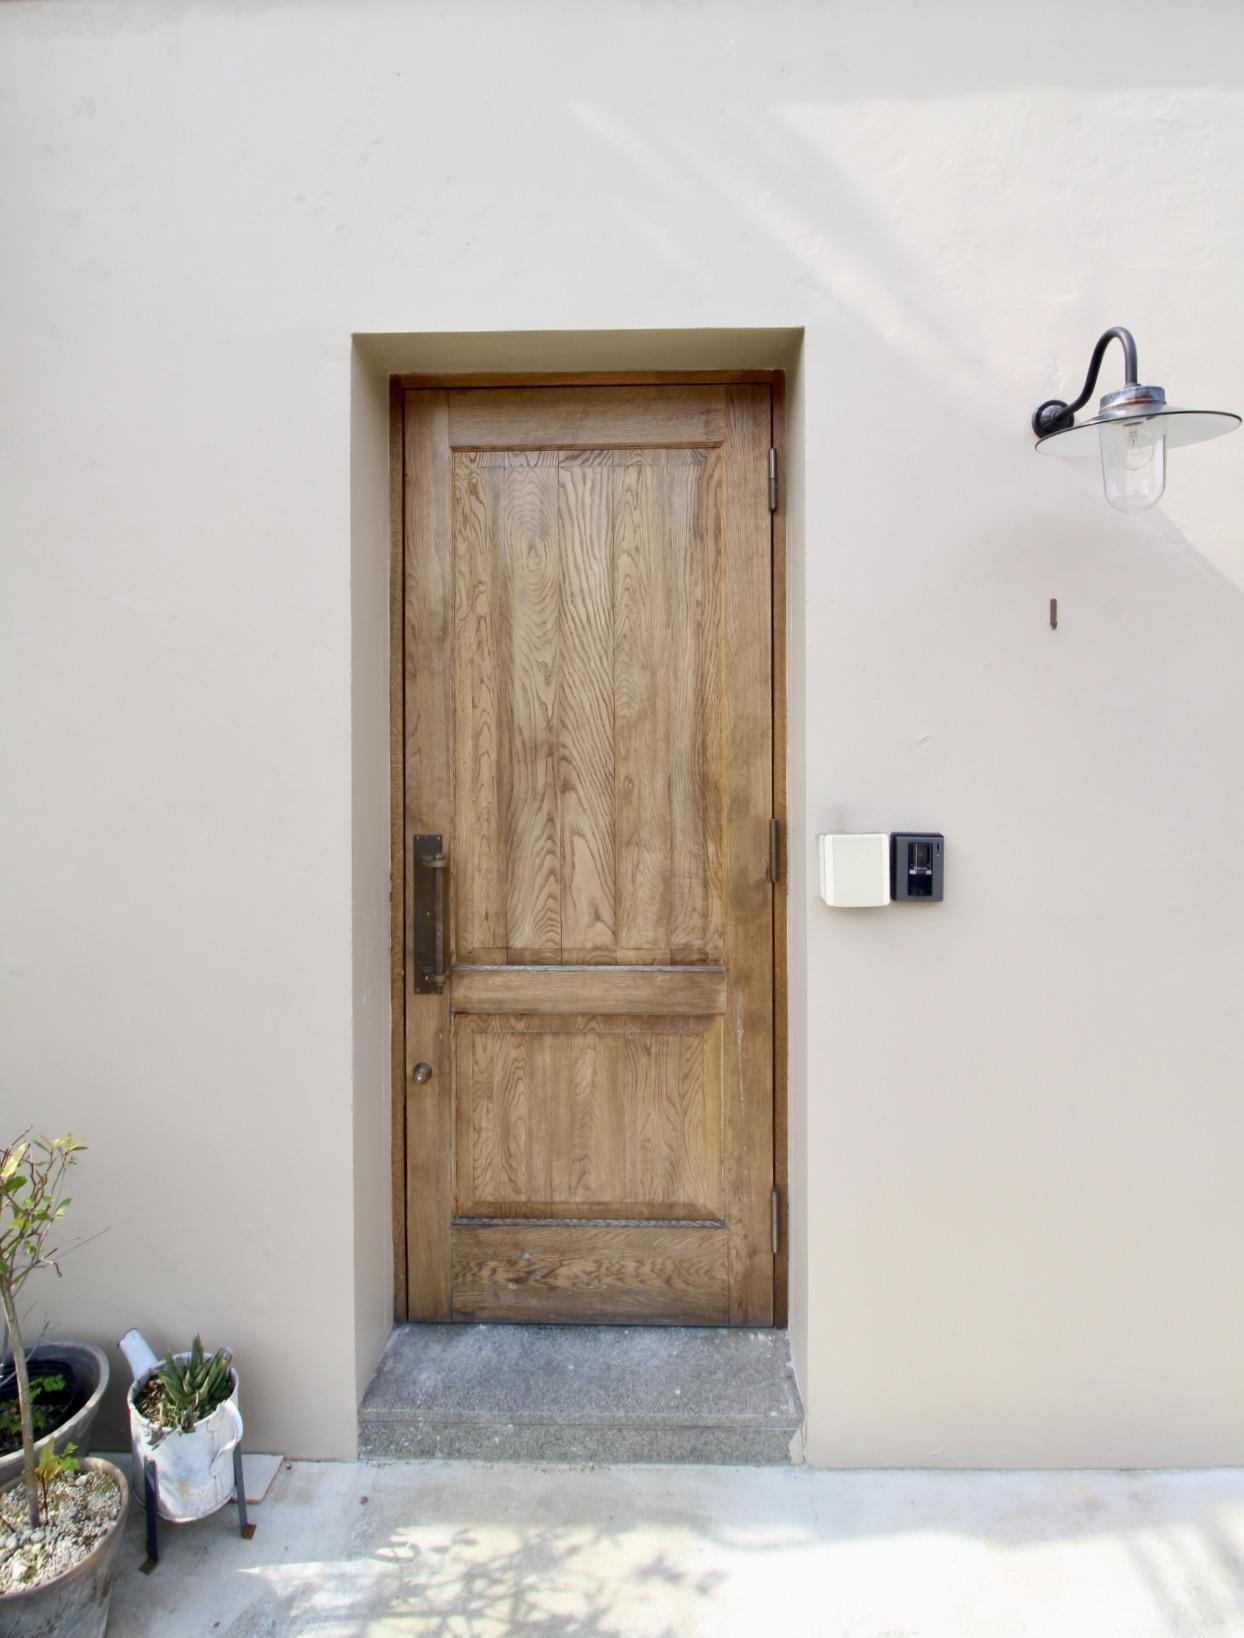 開くと2階への階段が現れる愛らしいドア